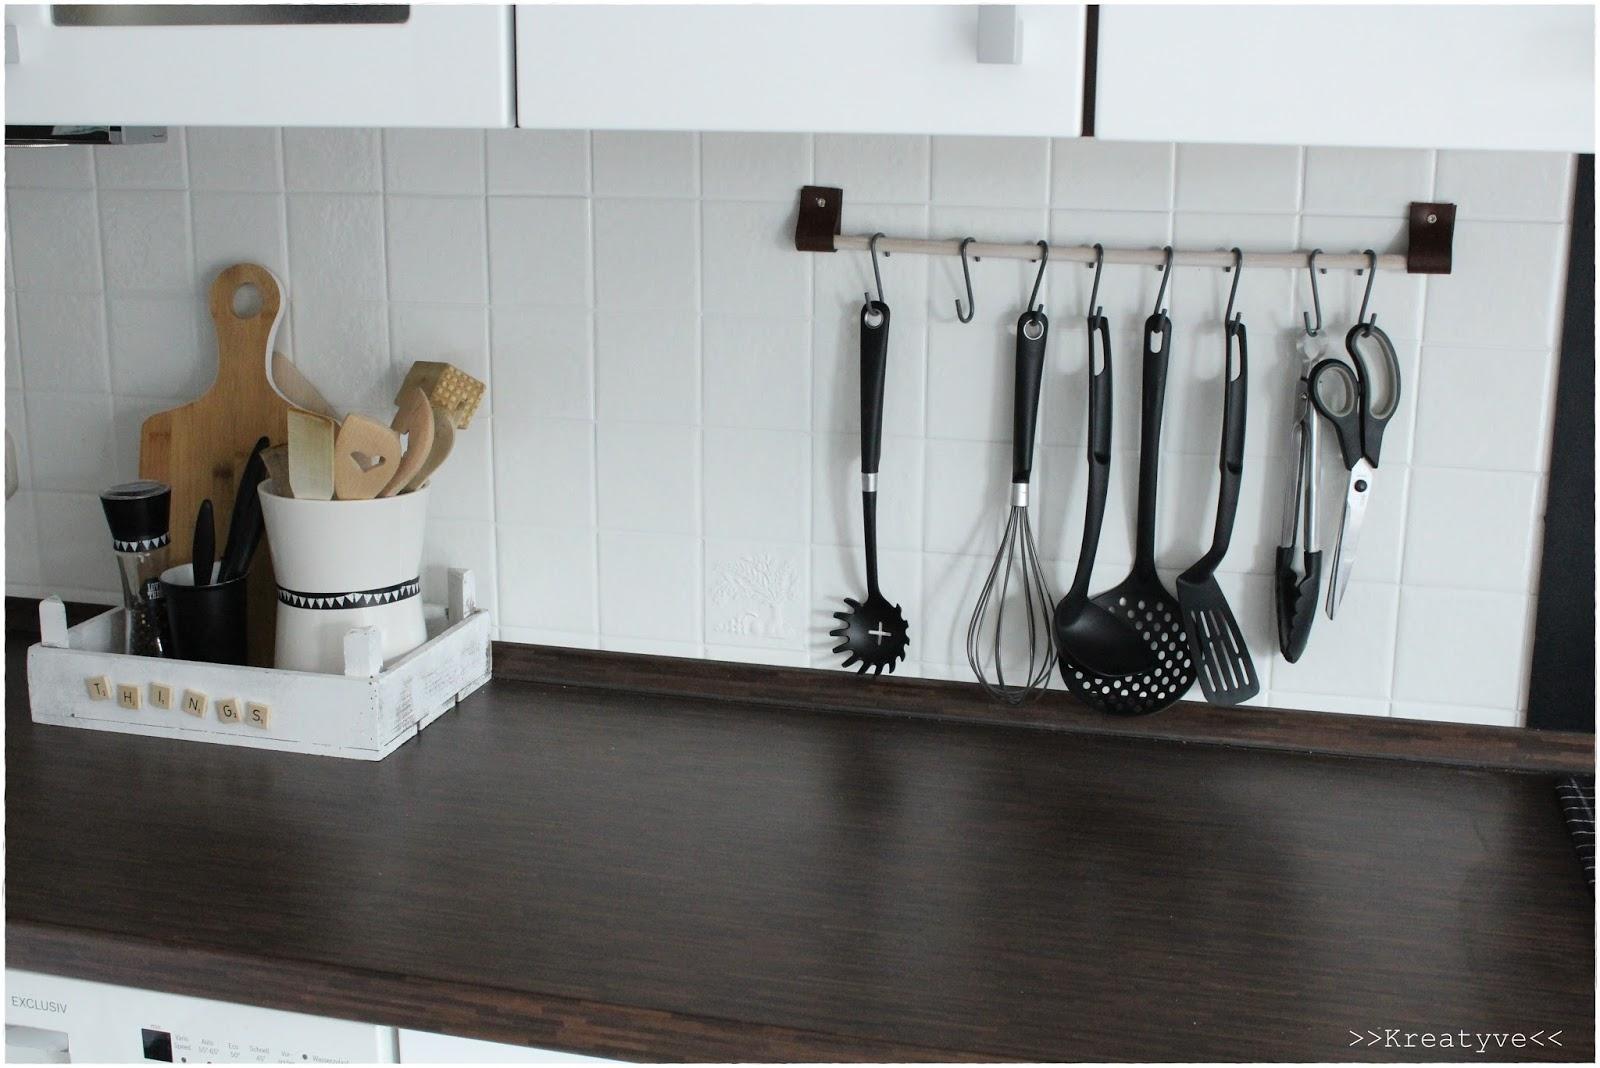 Braucht man eine dunstabzugshaube kitchenartist küchenhelfer set